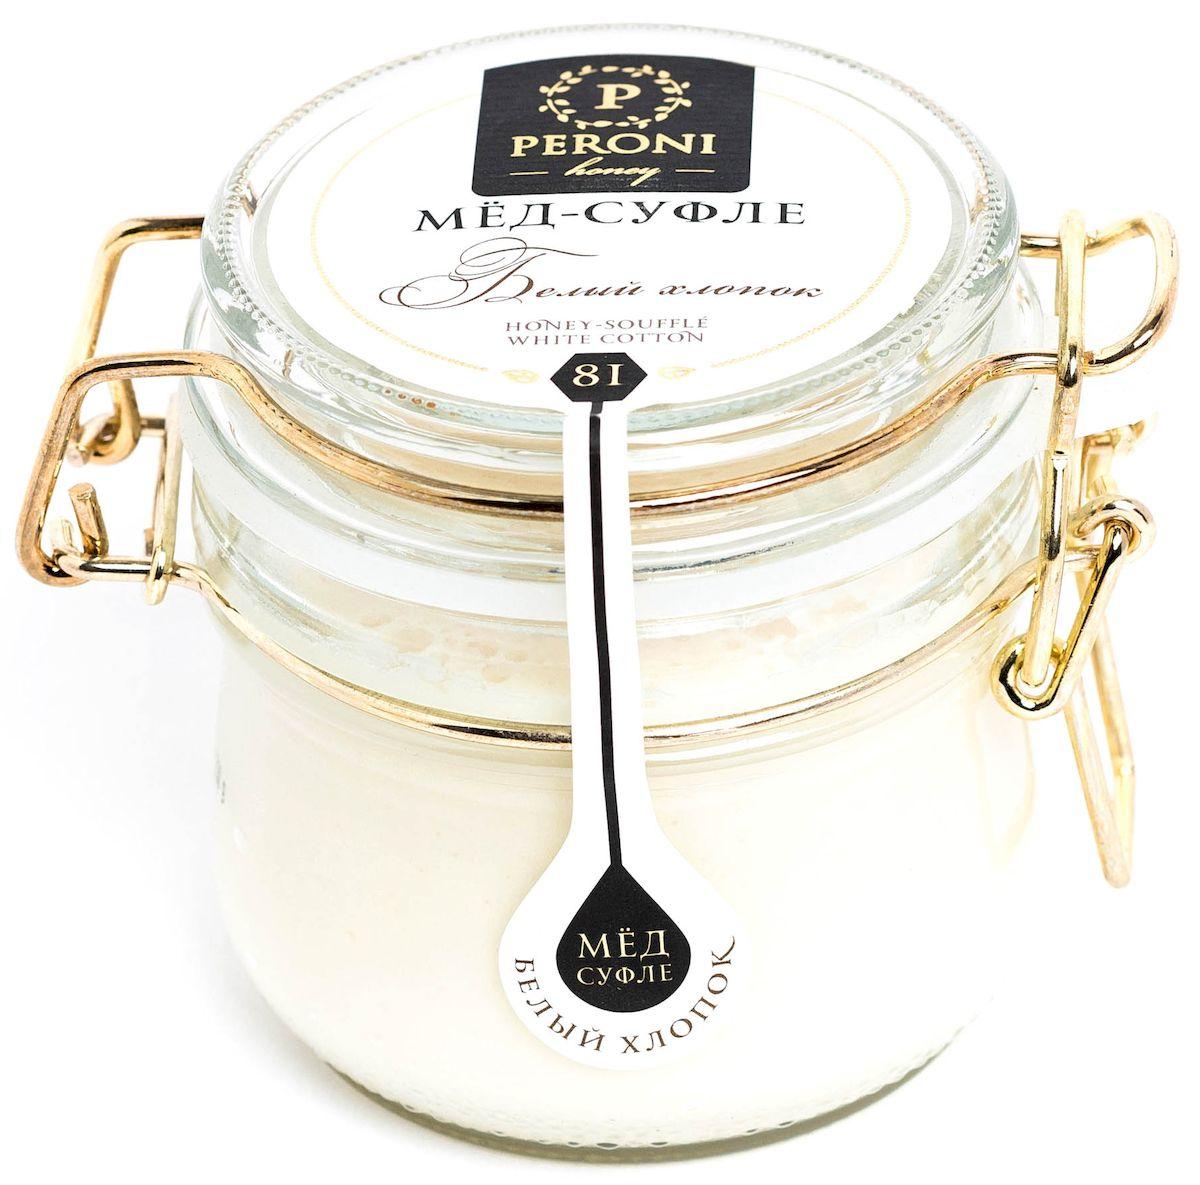 Peroni Белый хлопок мёд-суфле, 230 г81Мёд согревающего молочного оттенка с мягкой бархатистой текстурой. Аромат мёда тонкий, выразительный, комплексный. Преобладают ароматы летних цветов, согретой солнцем розы, сливочные оттенки. Ощущение легчайшего шелковистого мусса во рту сопровождается насыщенным сливочным вкусом с нежной пряной ноткой. Доминирует всепоглощающая сладость и тепло. Именно поэтому, если вам нездоровится зимой или в межсезонье, хлопковый мед будет прекрасным компаньоном! Он также является источником большого количества витаминов и питательных веществ, натуральным природным лекарством от кашля и болезней органов дыхания, укрепляет иммунитет. Употребление хлопкового мёда будет способствовать скорому выздоровлению и вернет вас к активной жизни. Для получения мёда-суфле используются специальные технологии. Мёд долго вымешивается при определенной скорости, после чего его выдерживают при температуре 12-14°С, тем самым закрепляя его нужную консистенцию. Все полезные свойства...